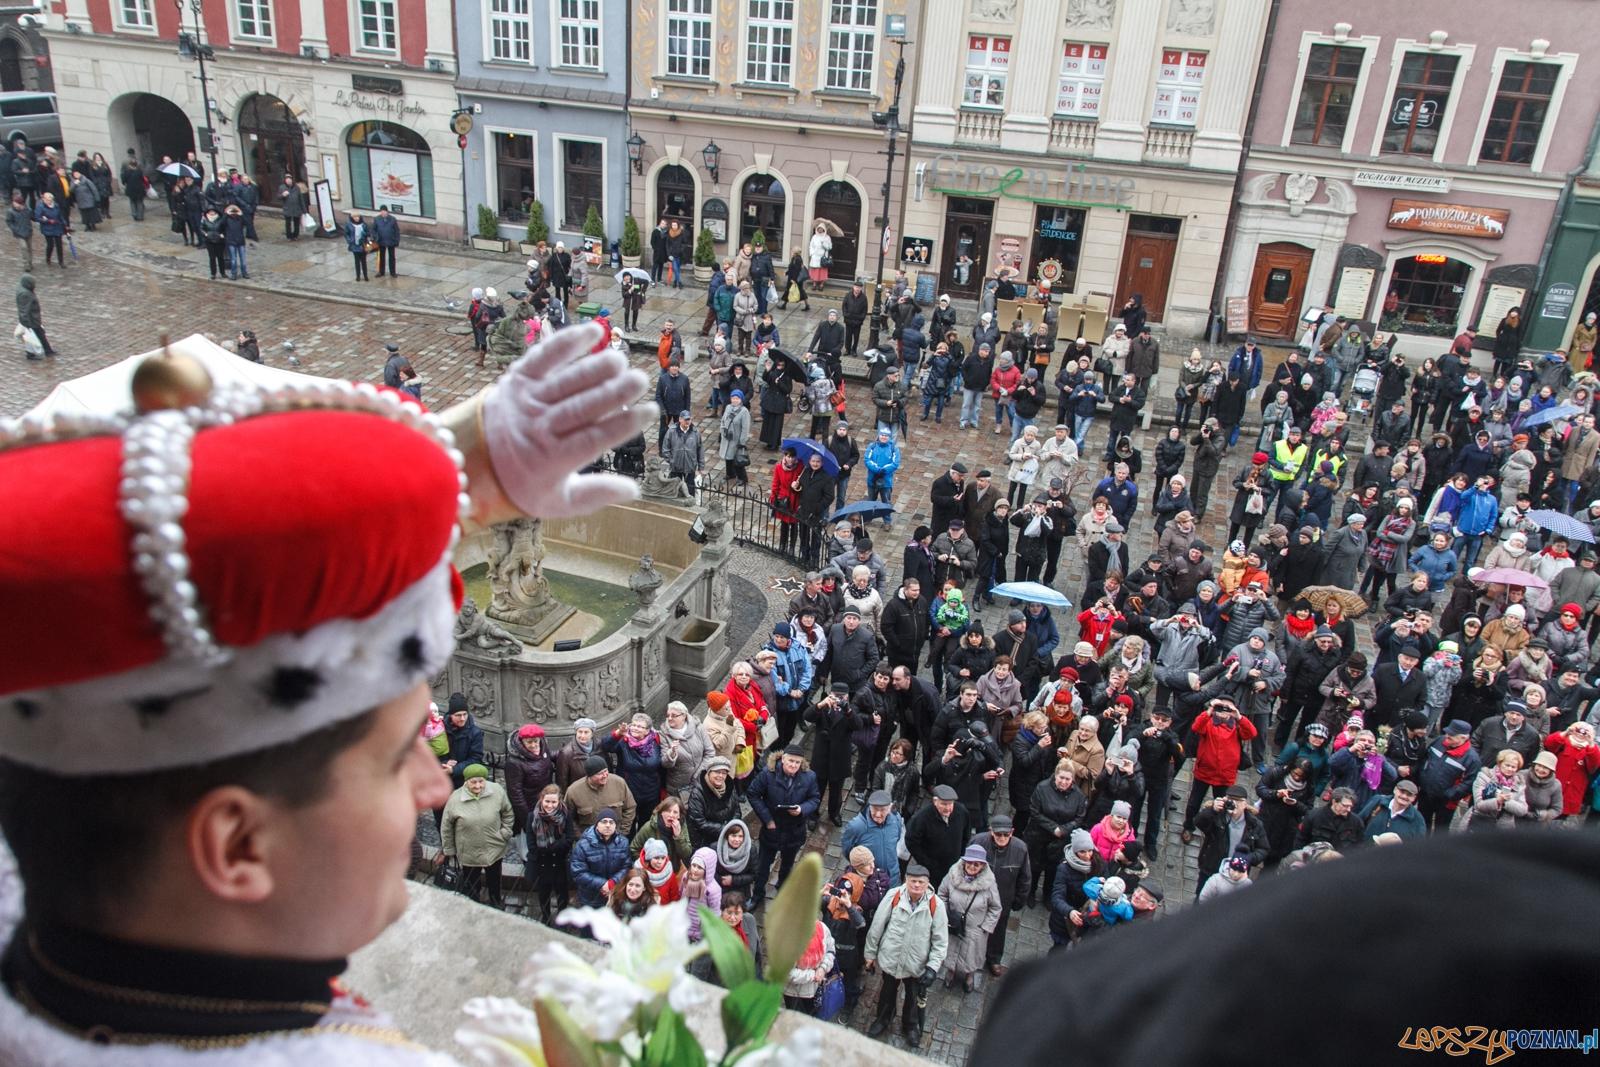 Kaziuki 2016 - Poznań 06.03.2016 r.  Foto: LepszyPOZNAN.pl / Paweł Rychter